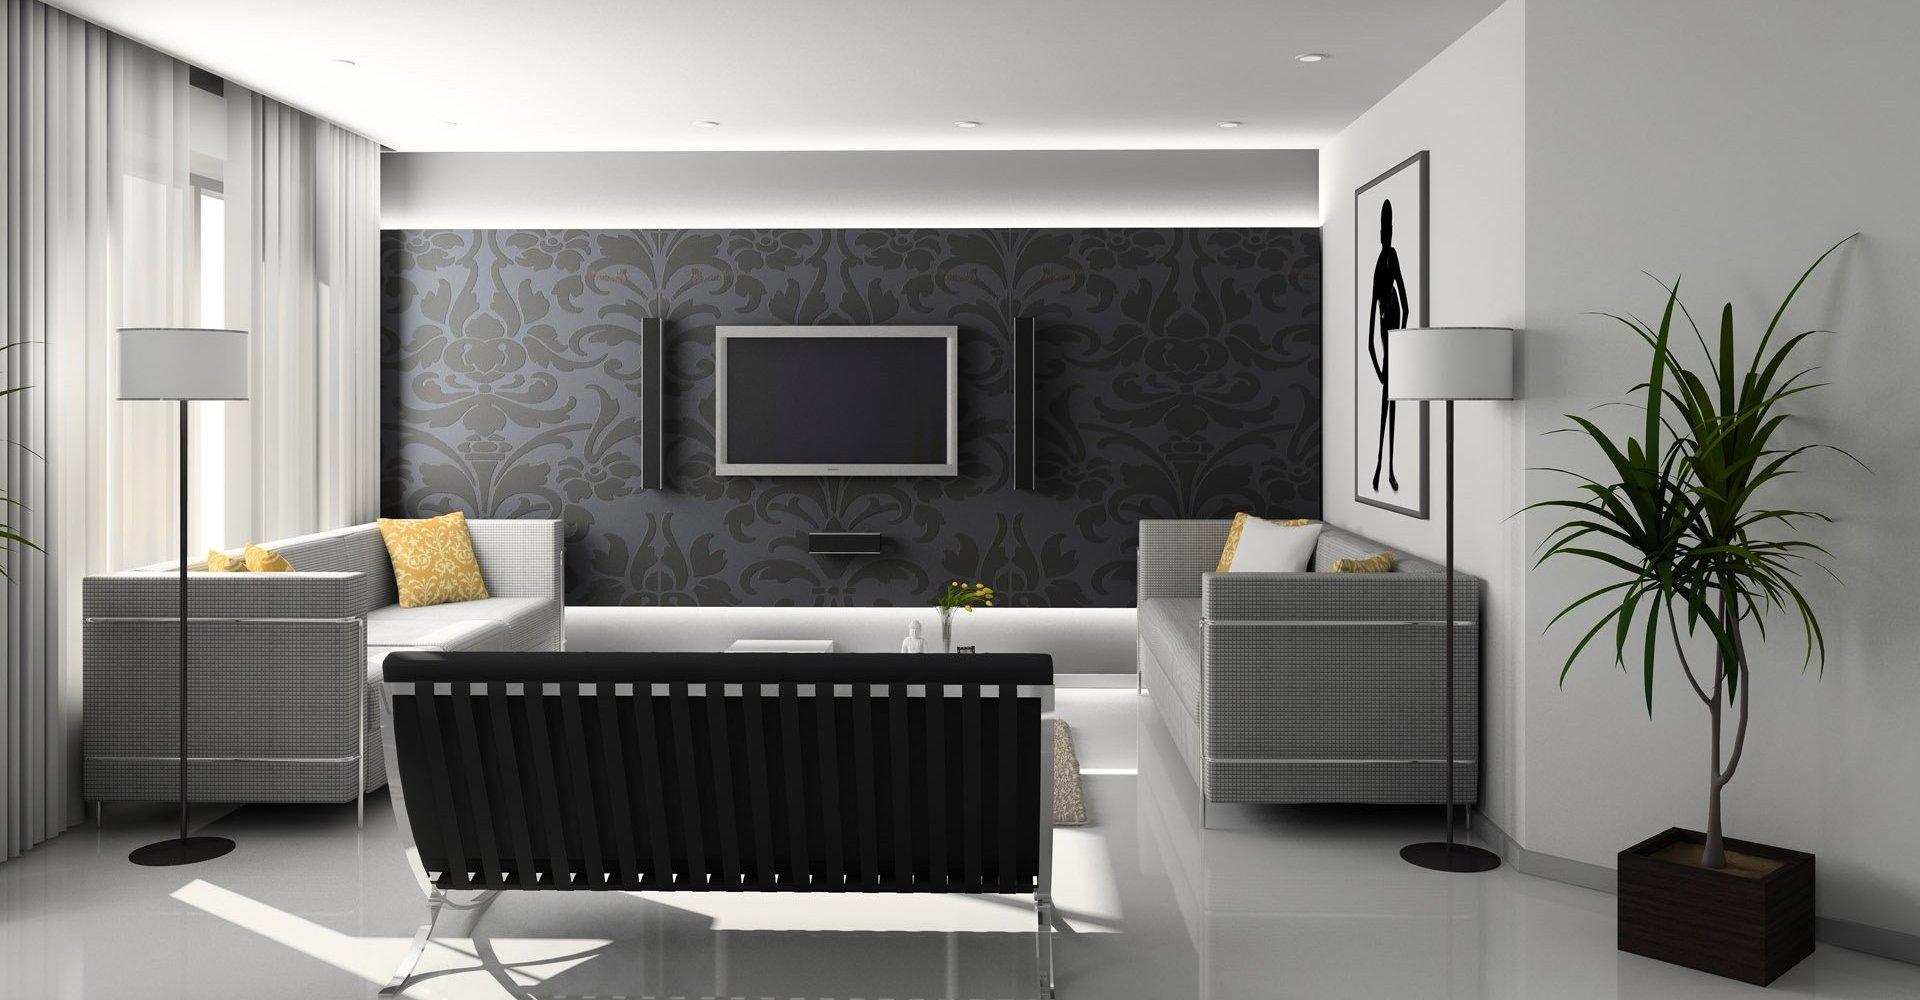 Mit Home-Ex Immobilien Erdgeschosswohnungen verkaufen - kaufen